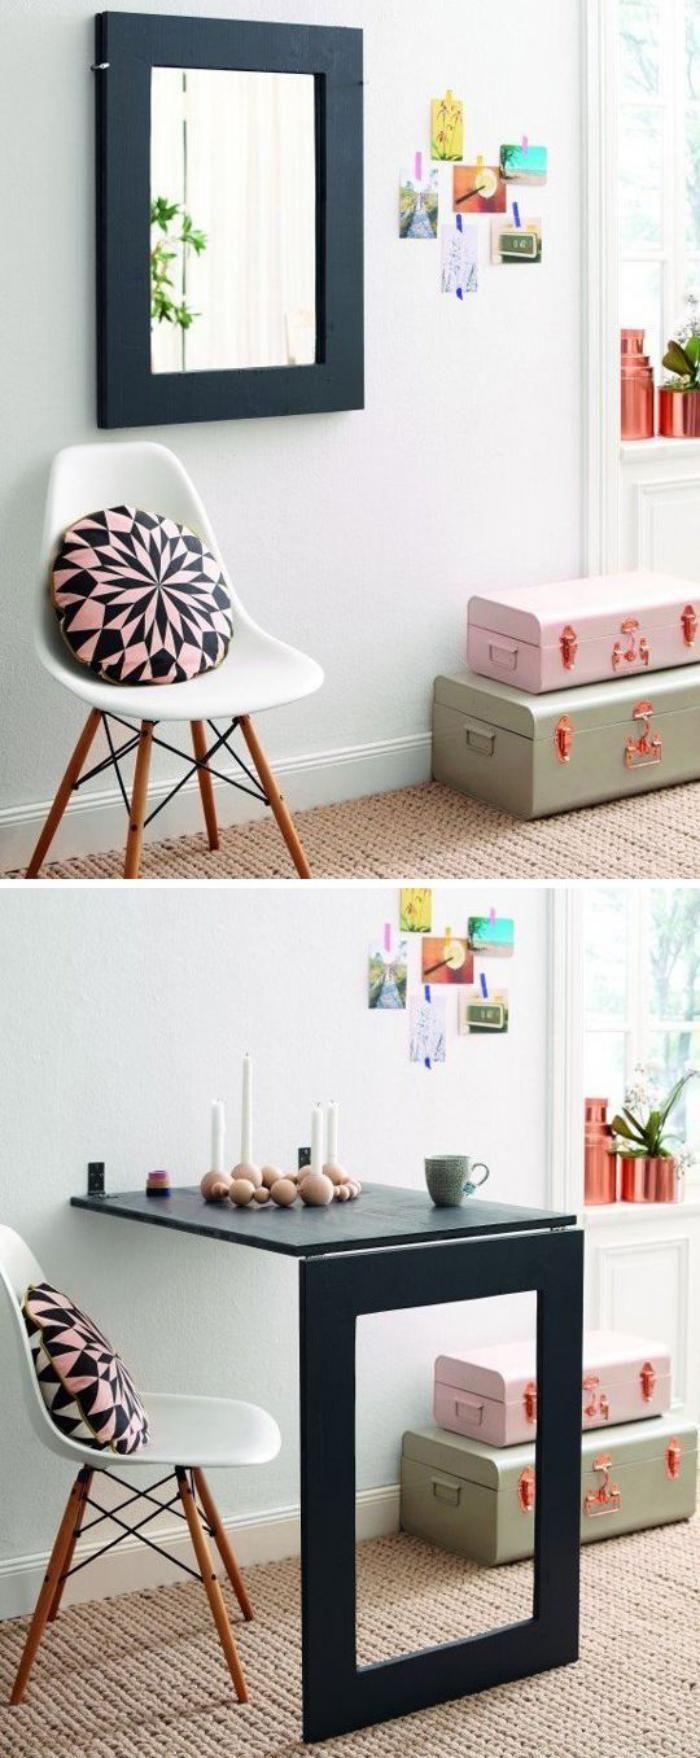 meuble gain de place, table murale rabattable